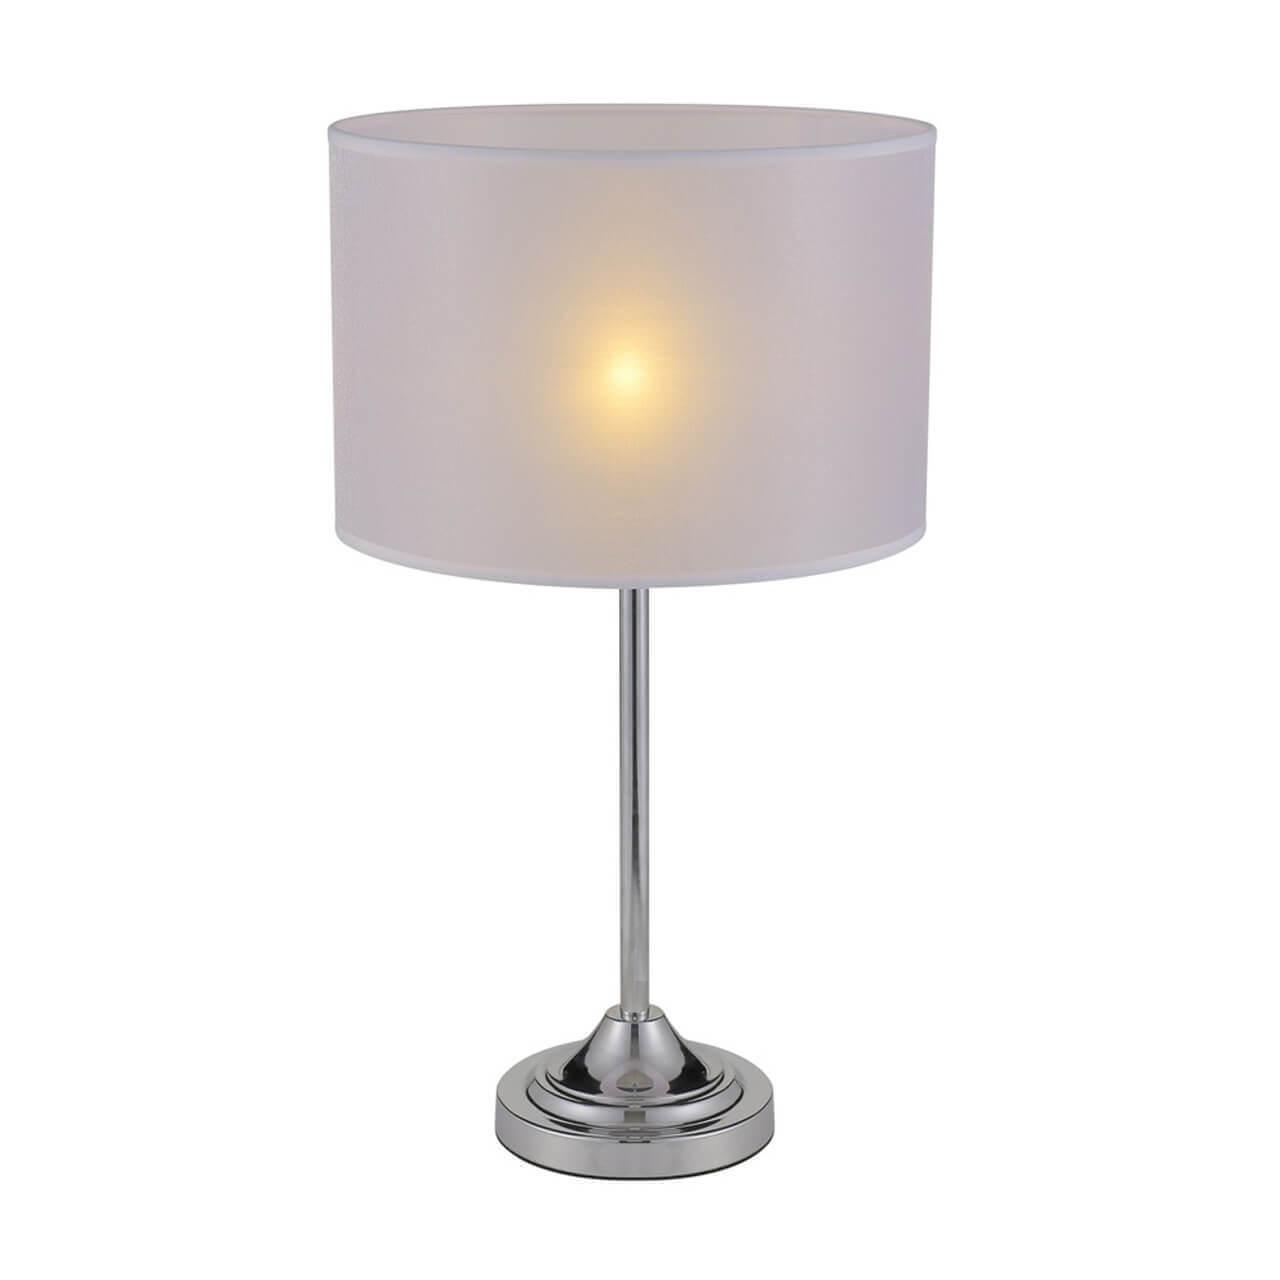 Настольная лампа Crystal Lux Asta LG1 Asta